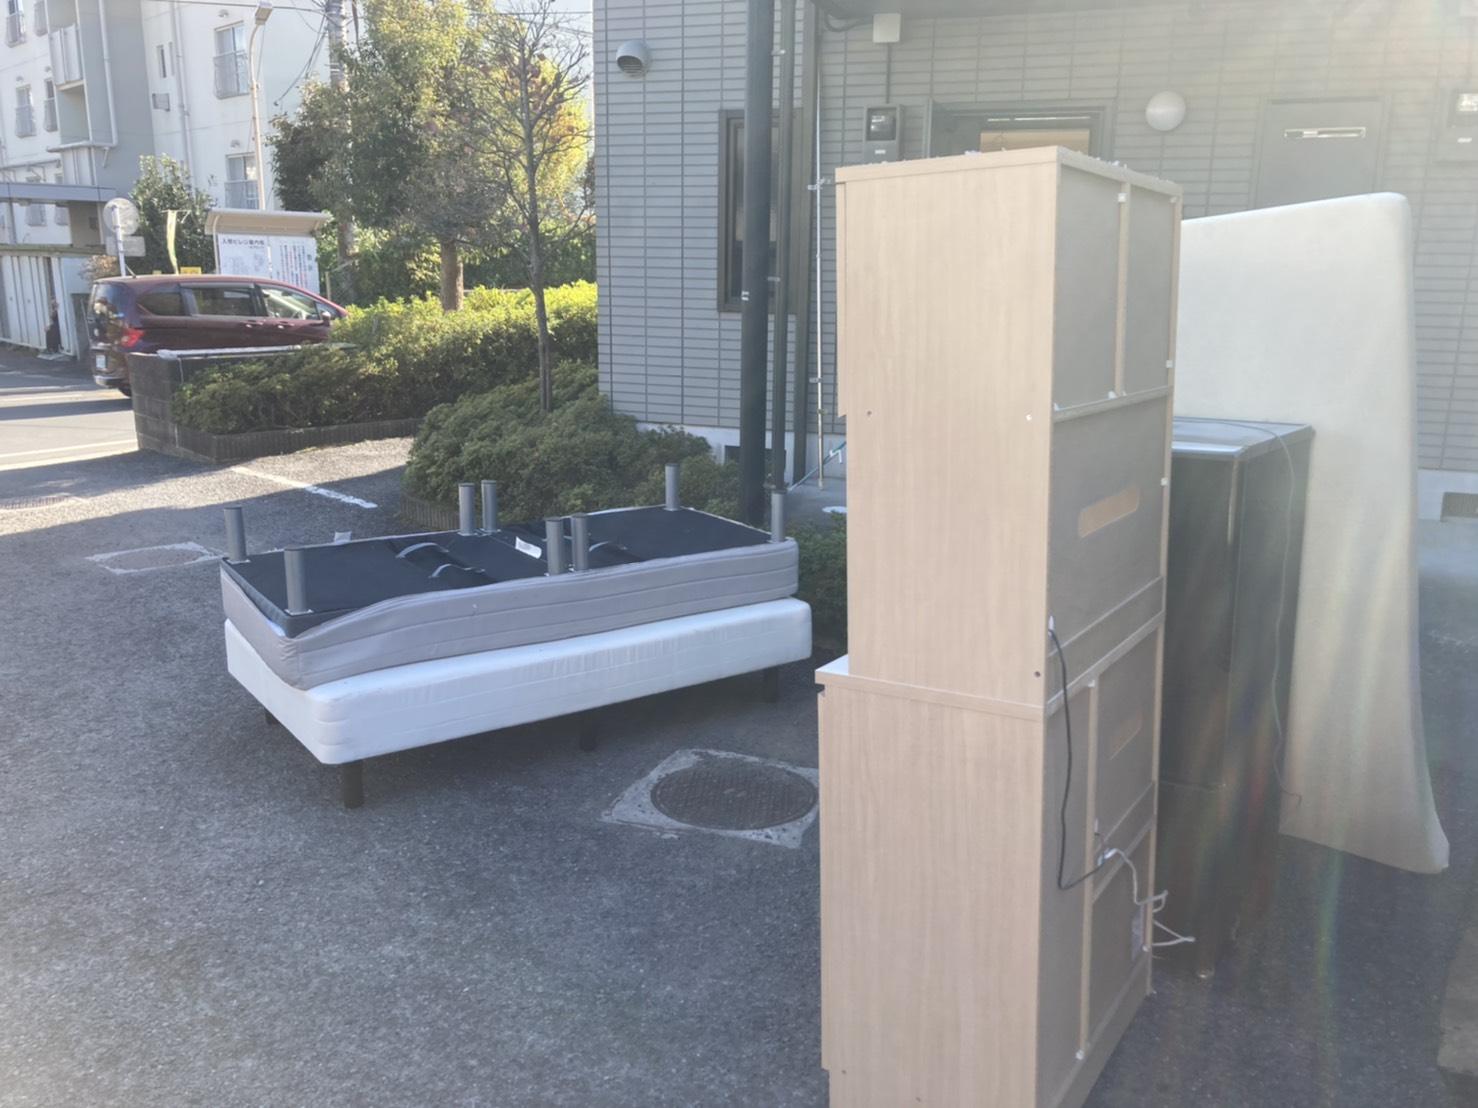 ベッド、マットレス、冷蔵庫、レンジボードの回収前